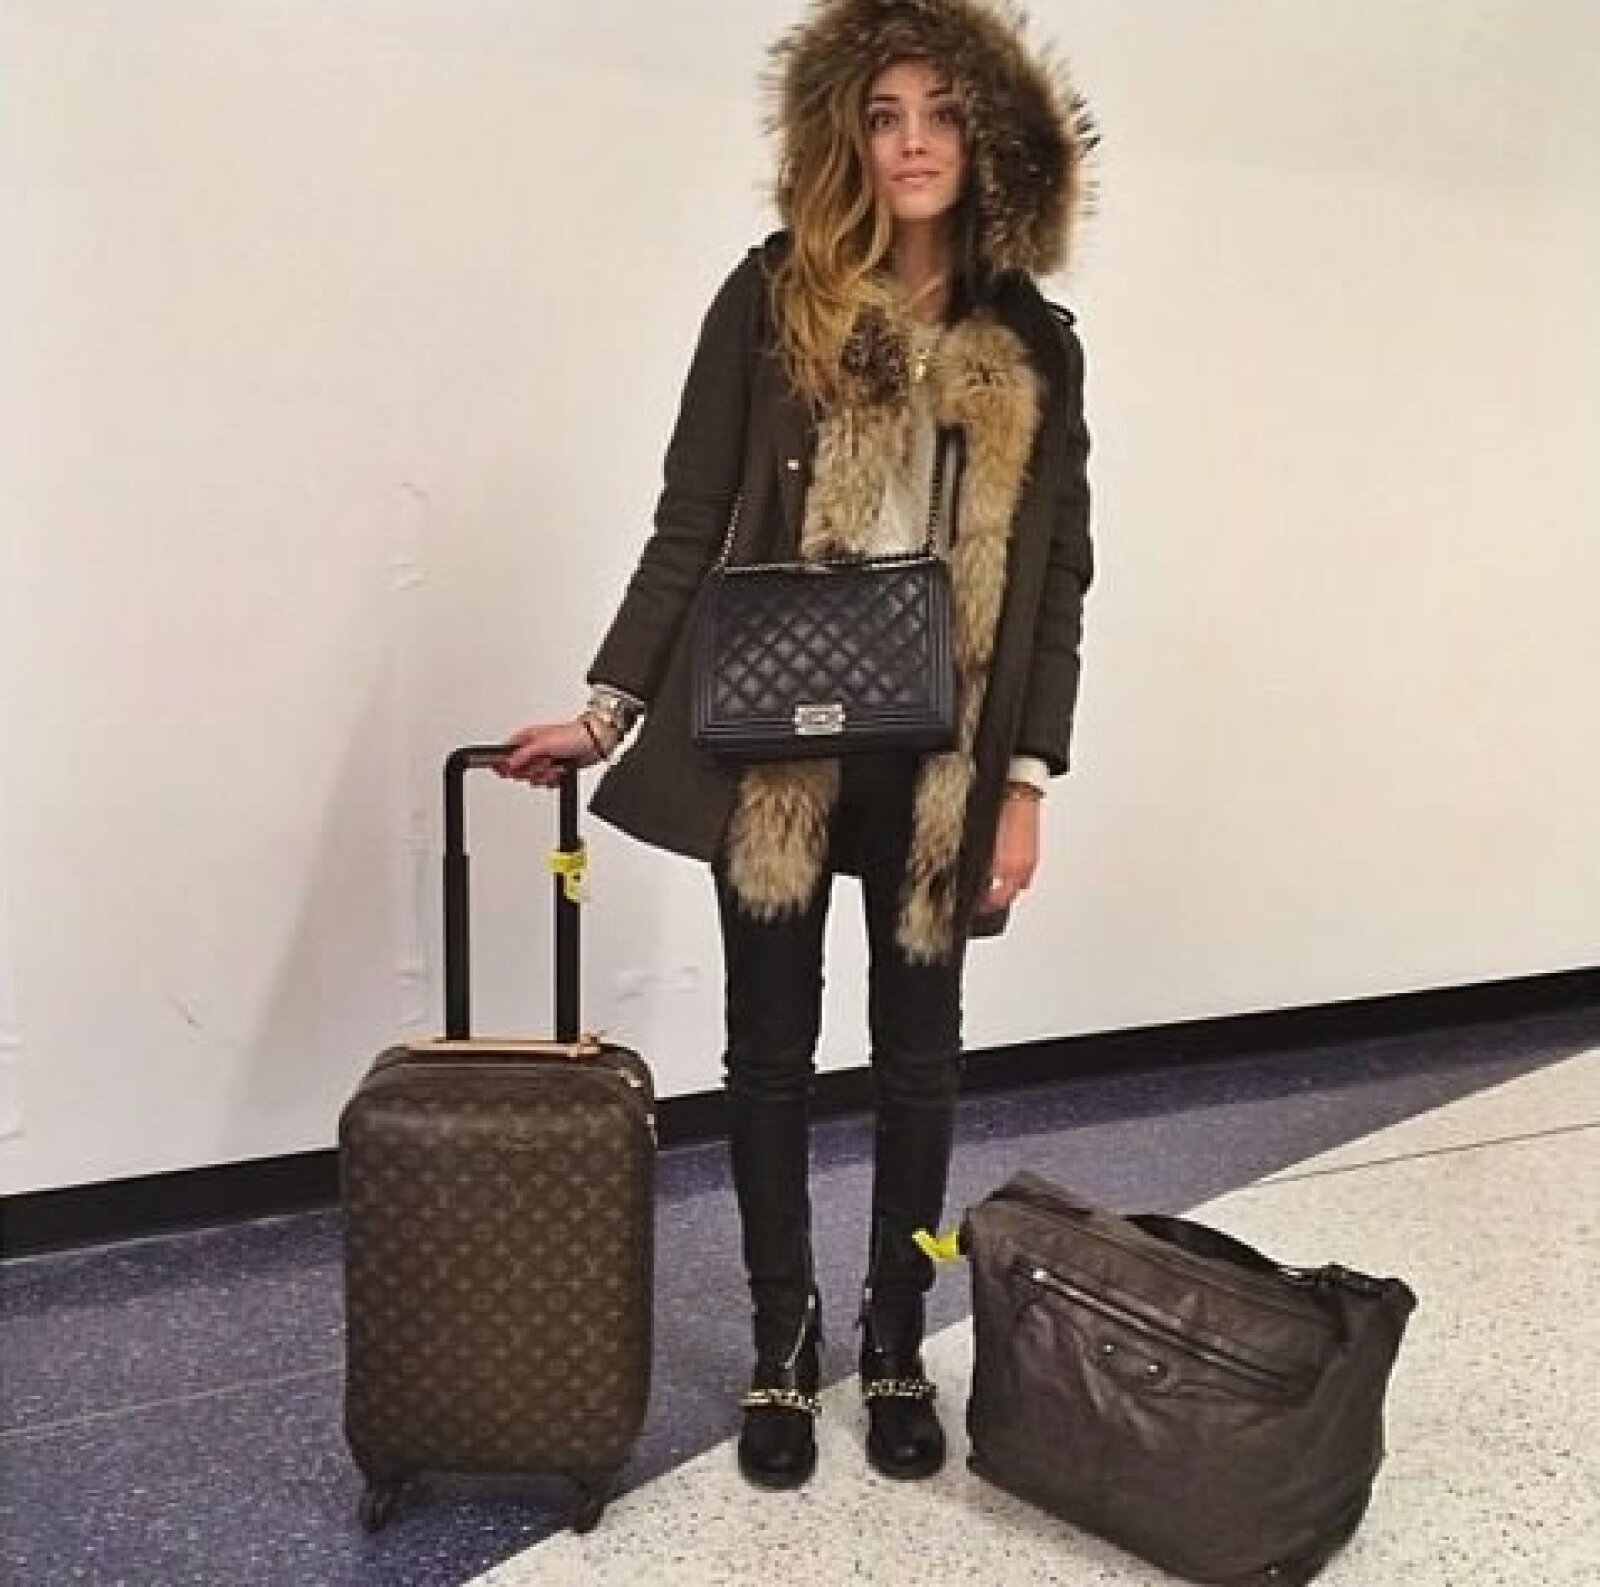 Chiara se preparó para el frío de Nueva York con una praka de Peuterey, botines Givenchy, y jeans Carolina Wyser.